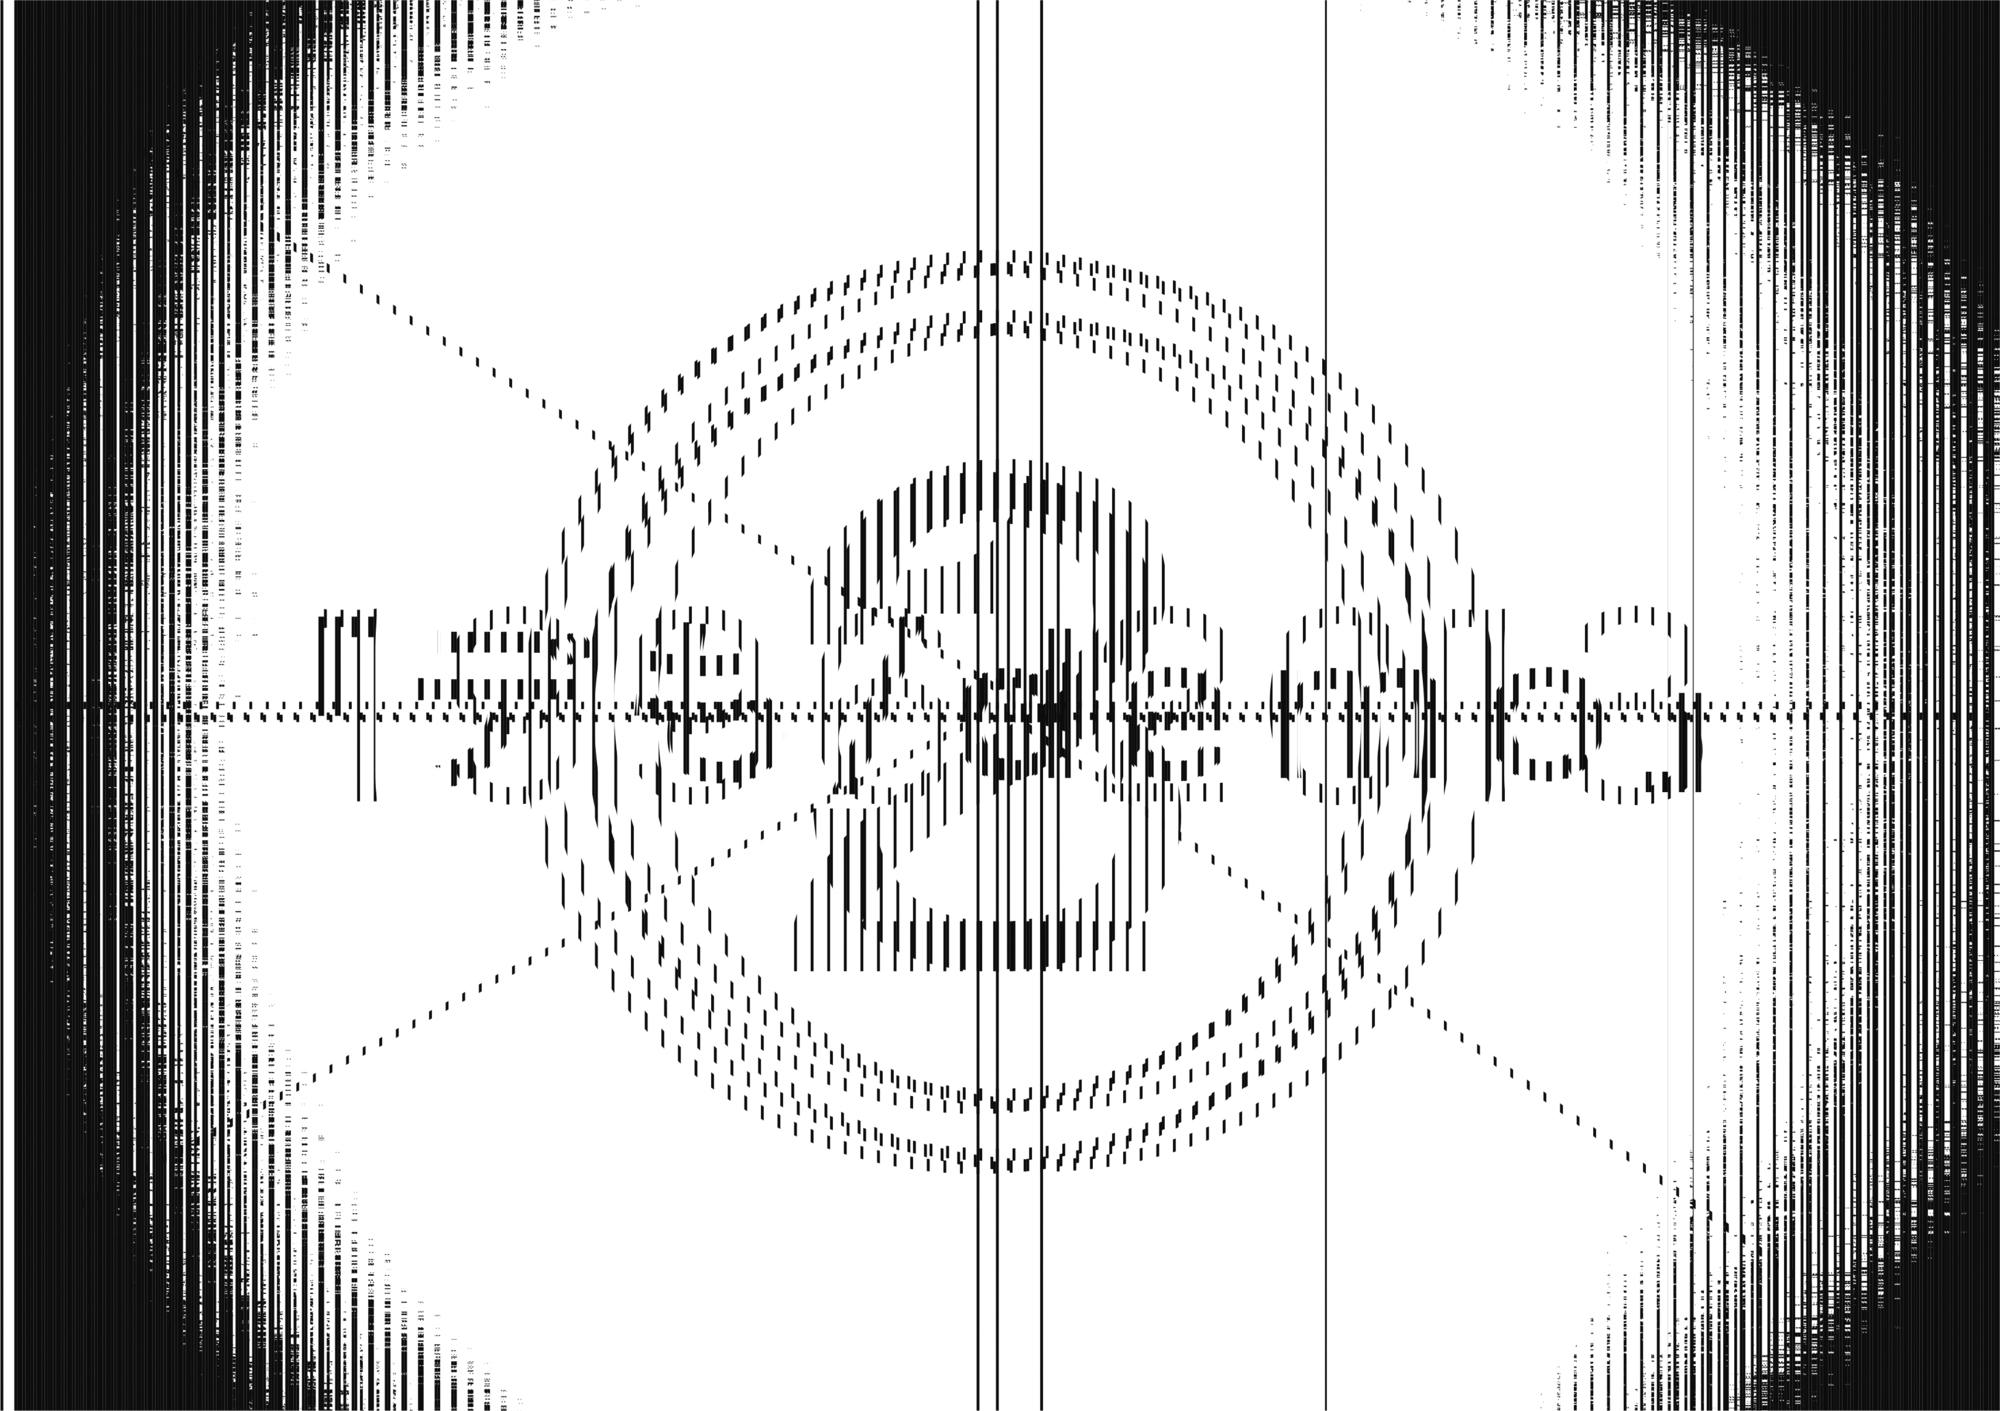 Arxb-00001-2